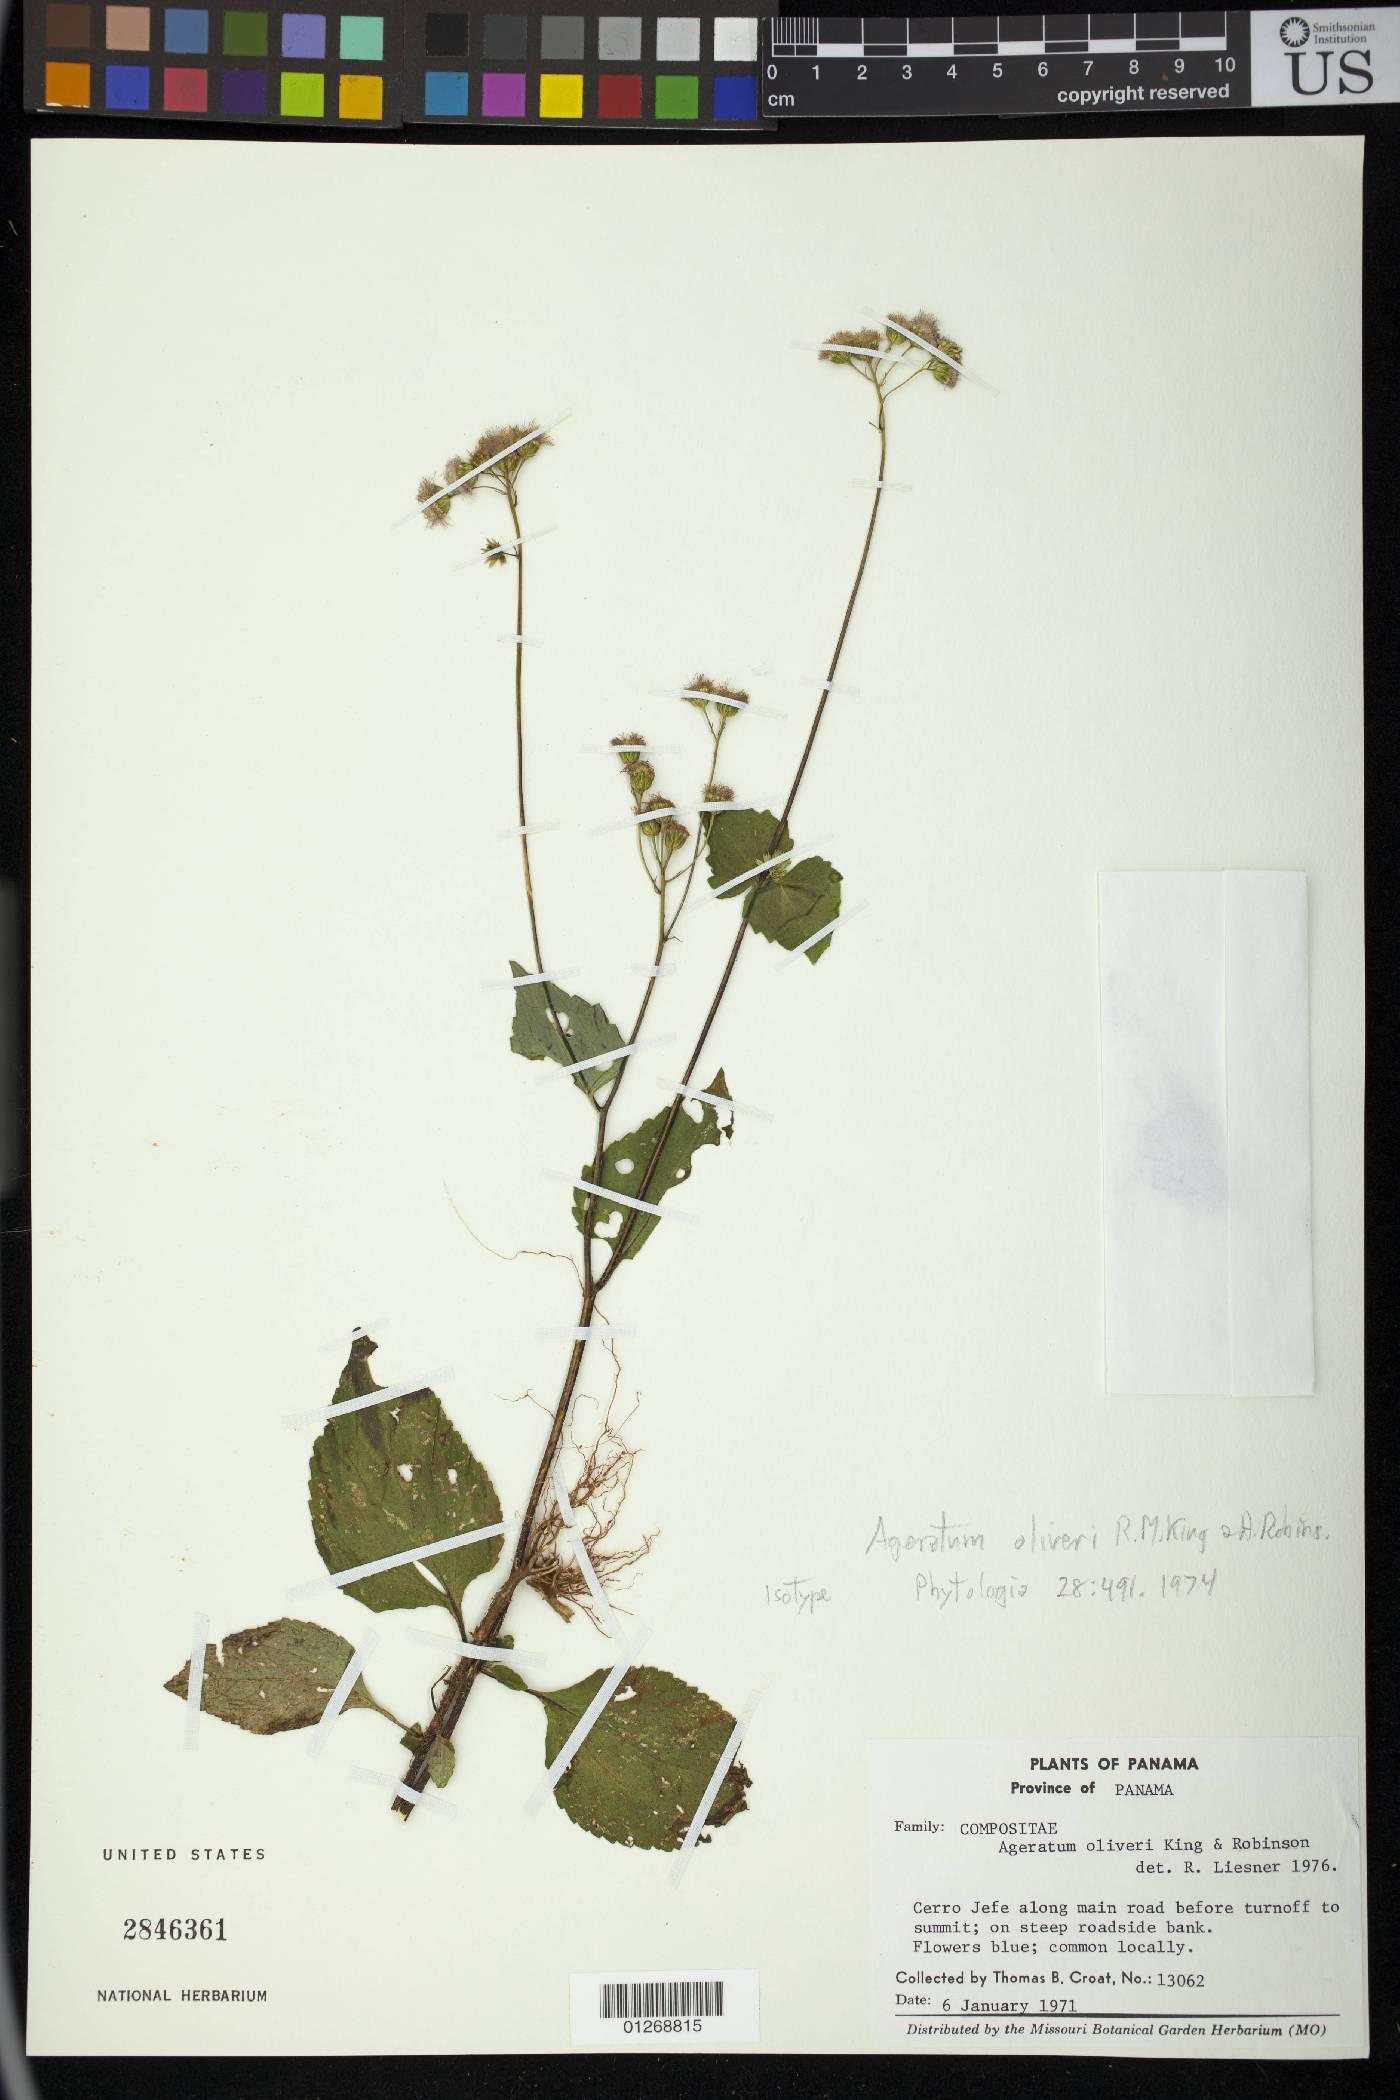 Ageratum oliveri image